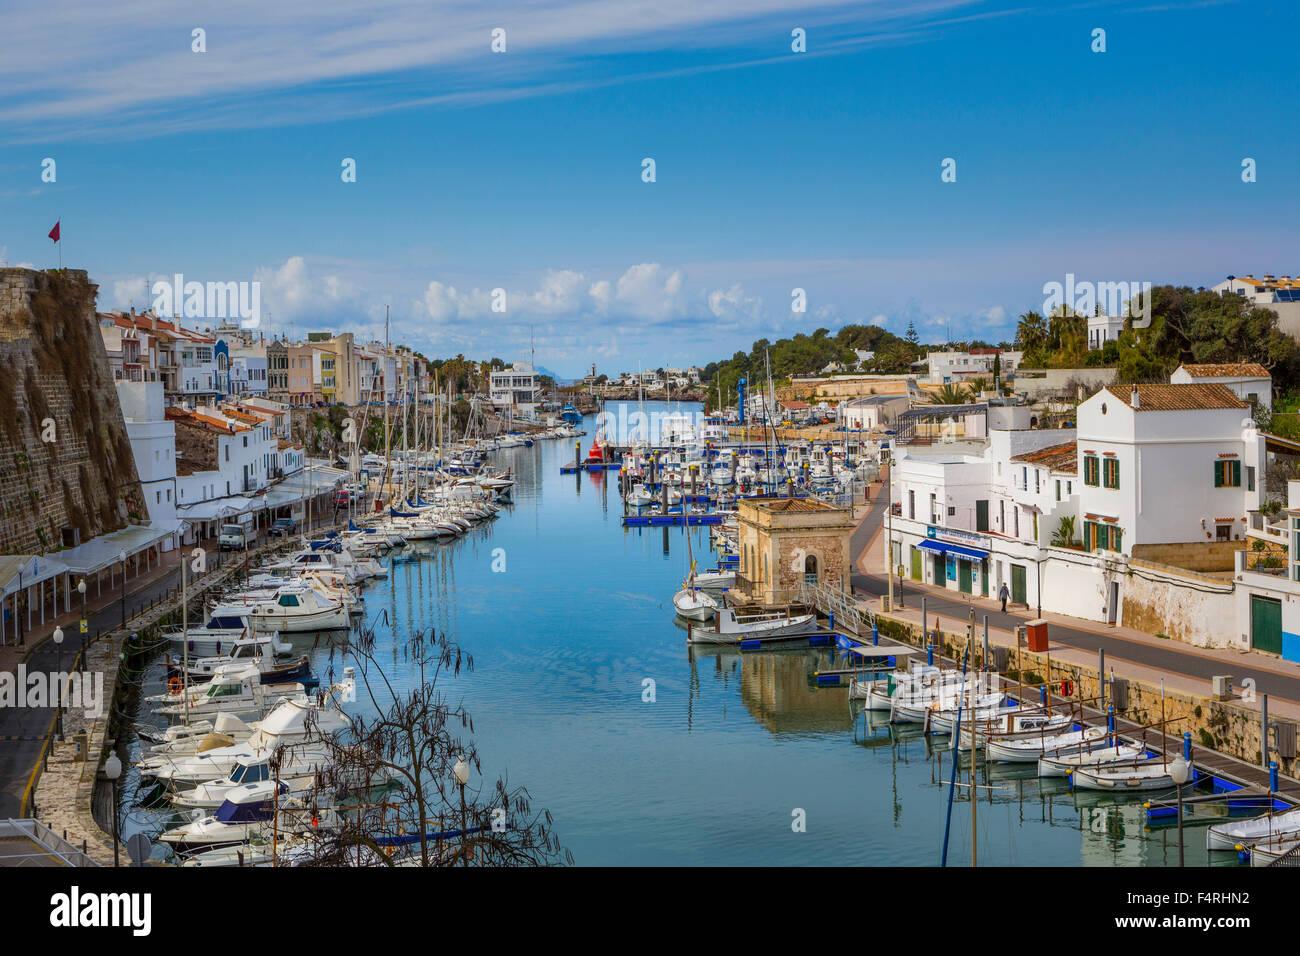 Gebäude, Ciutadella, Landschaft, Menorca, Balearen, Frühling, Architektur, Bucht, Boote, mediterran, keine Stockbild